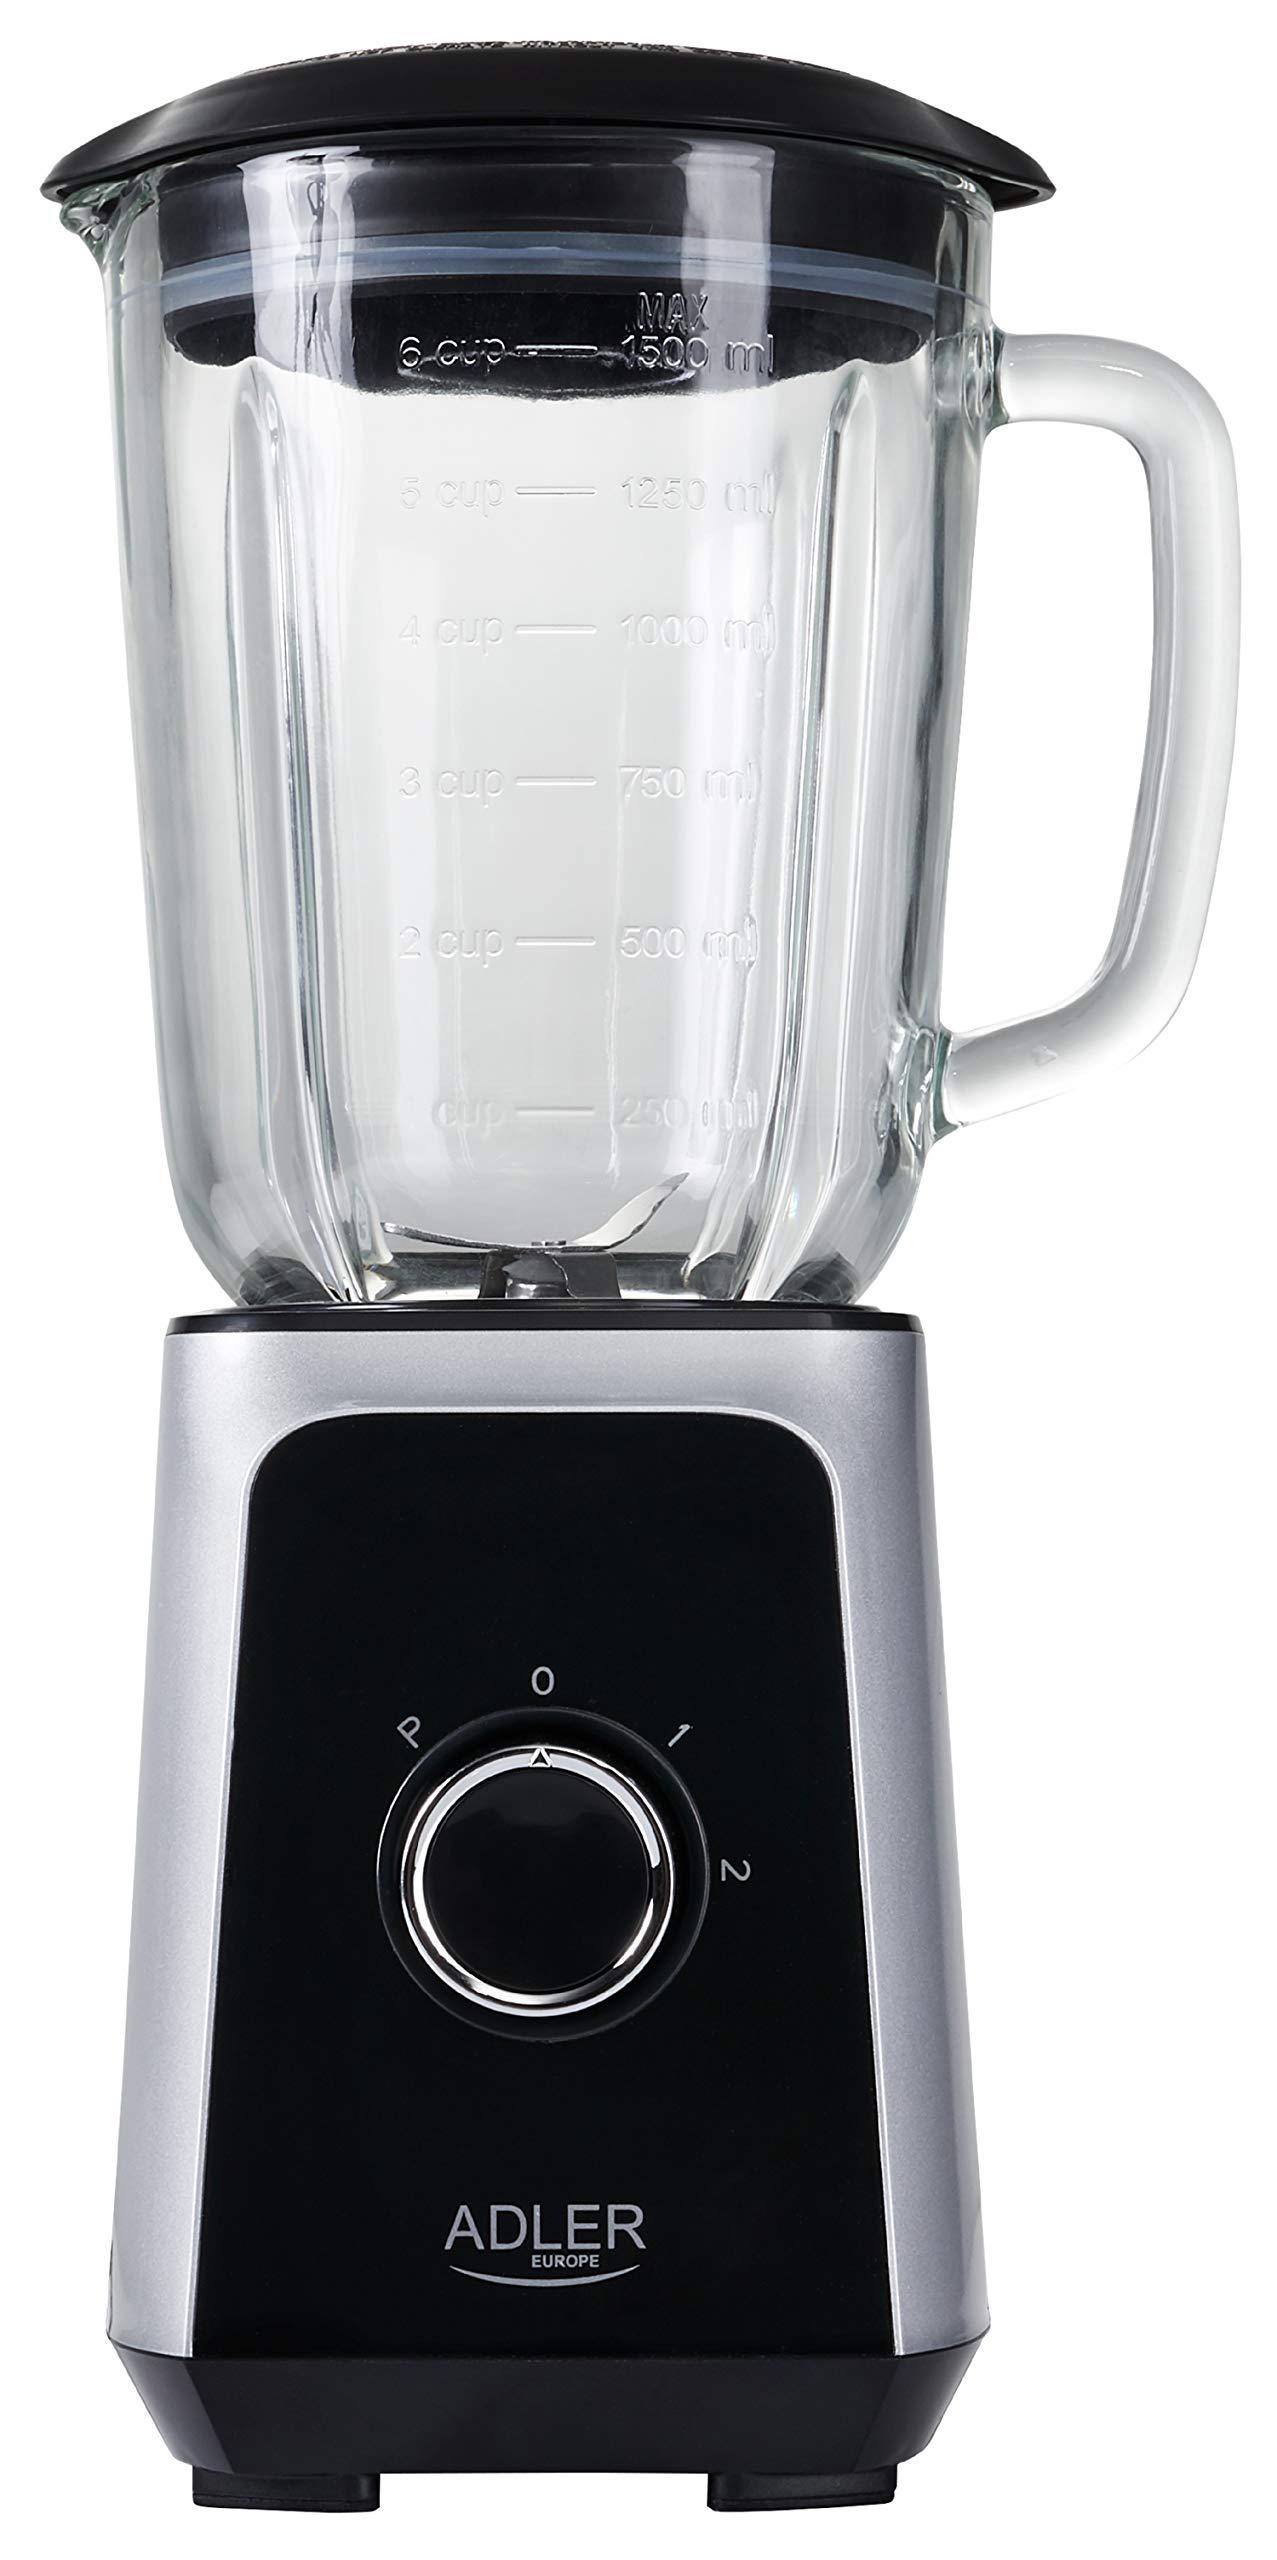 Edelstahl-Standmixer-1000-Watt-2-Geschwindigkeitsstufen-Impulsfunktion-Ice-Crusher-Deckel-mit-Nachfllffnung-Blender-Smoothie-Maker-Universal-Mixer